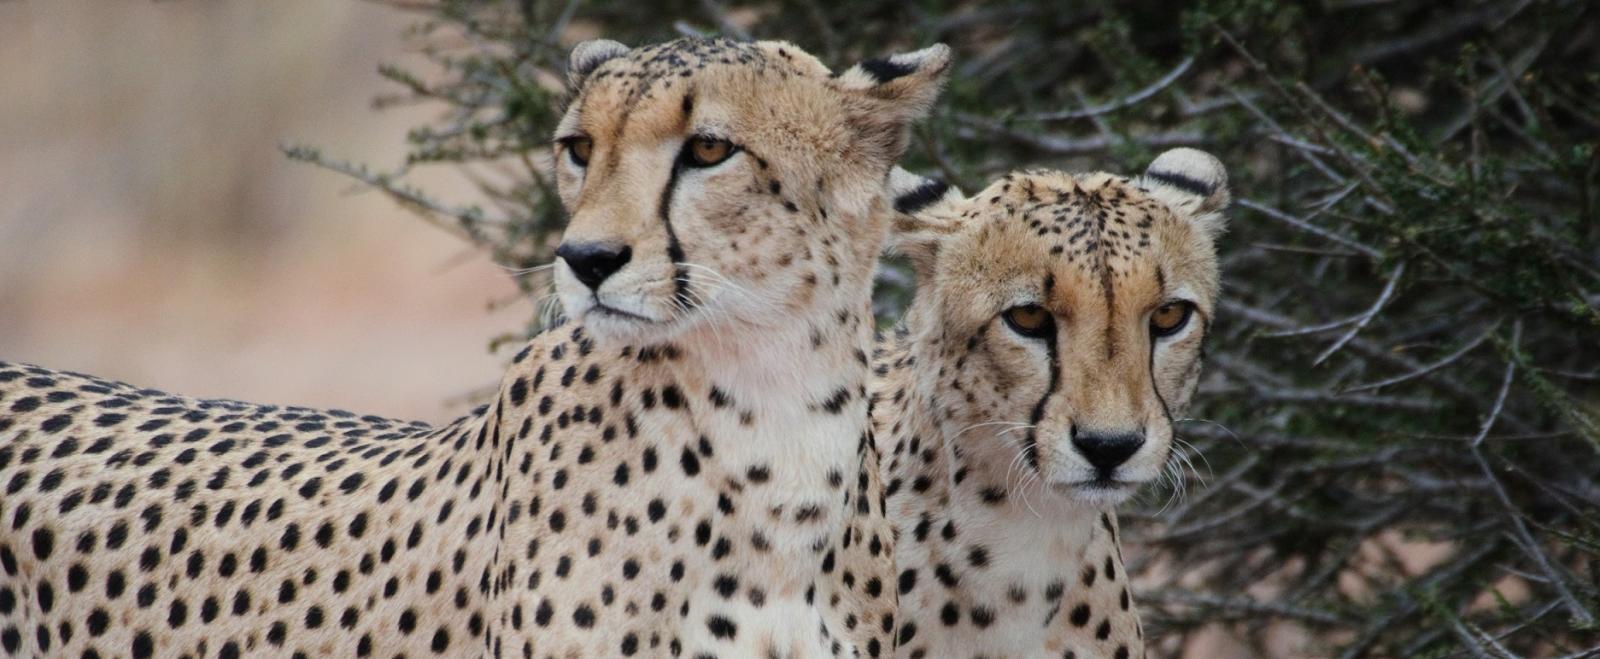 Chitas descansando en la reserva donde realizamos nuestro voluntariado de conservación de vida salvaje en Botsuana.